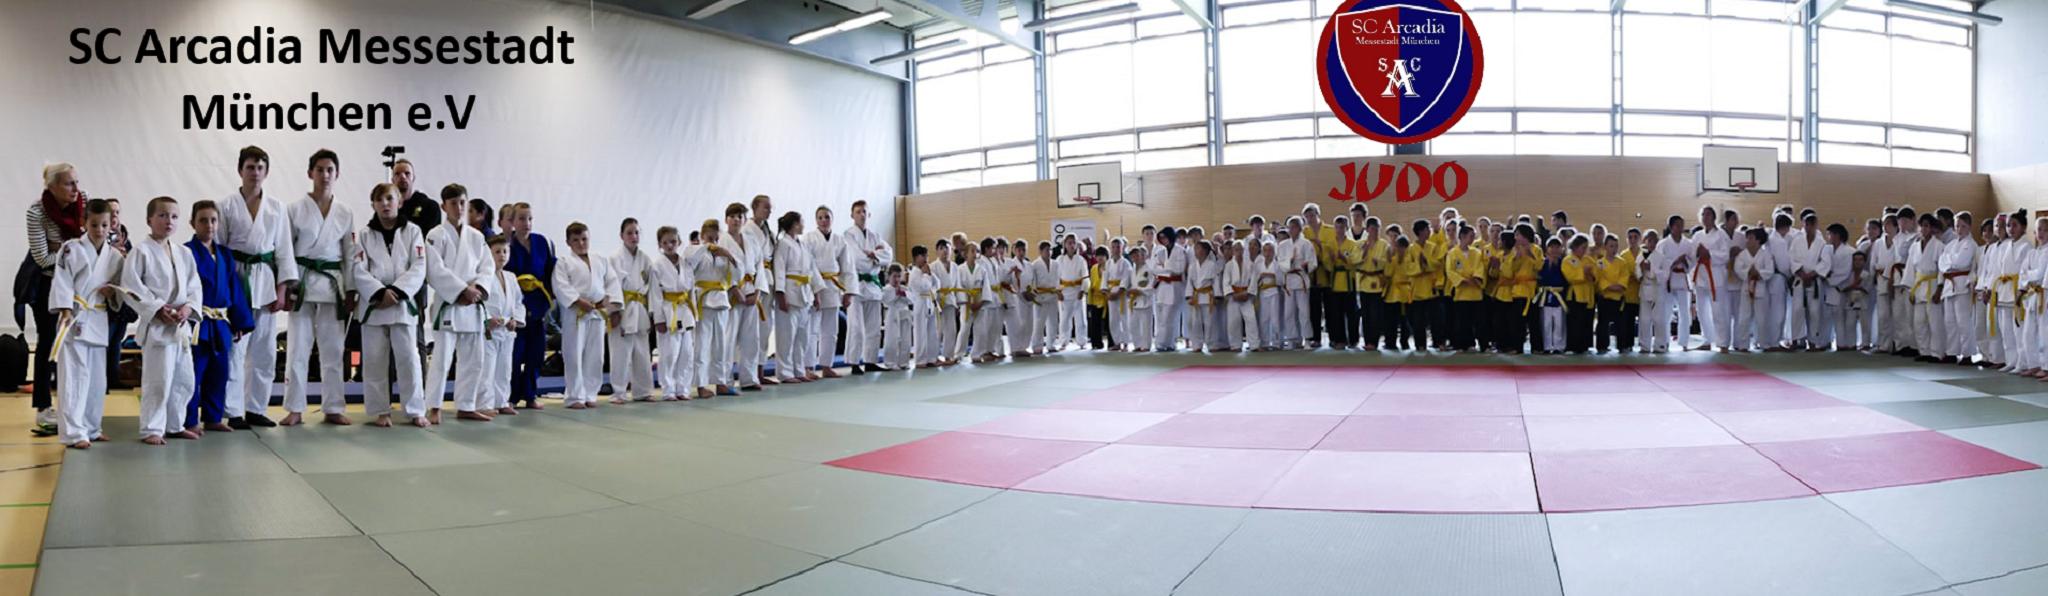 Judo Arcadia München